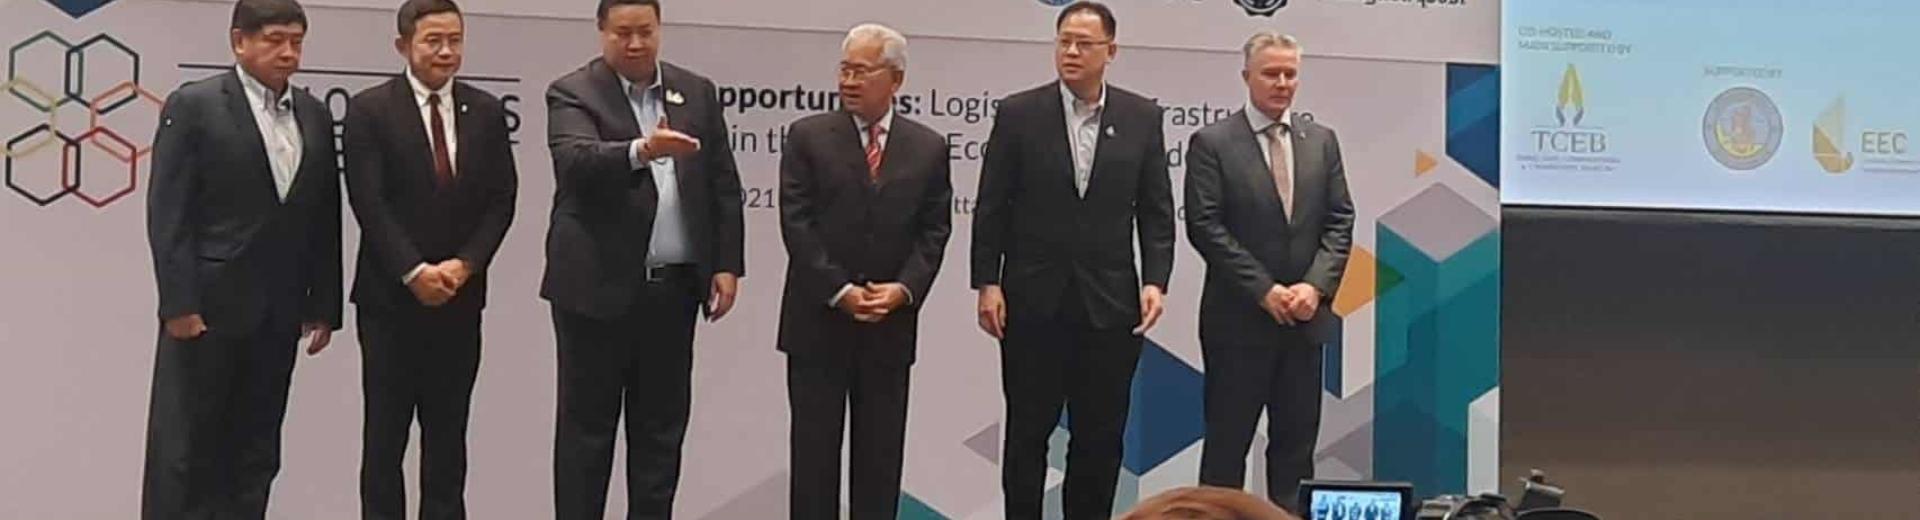 GMS Logistivs Forum Guests